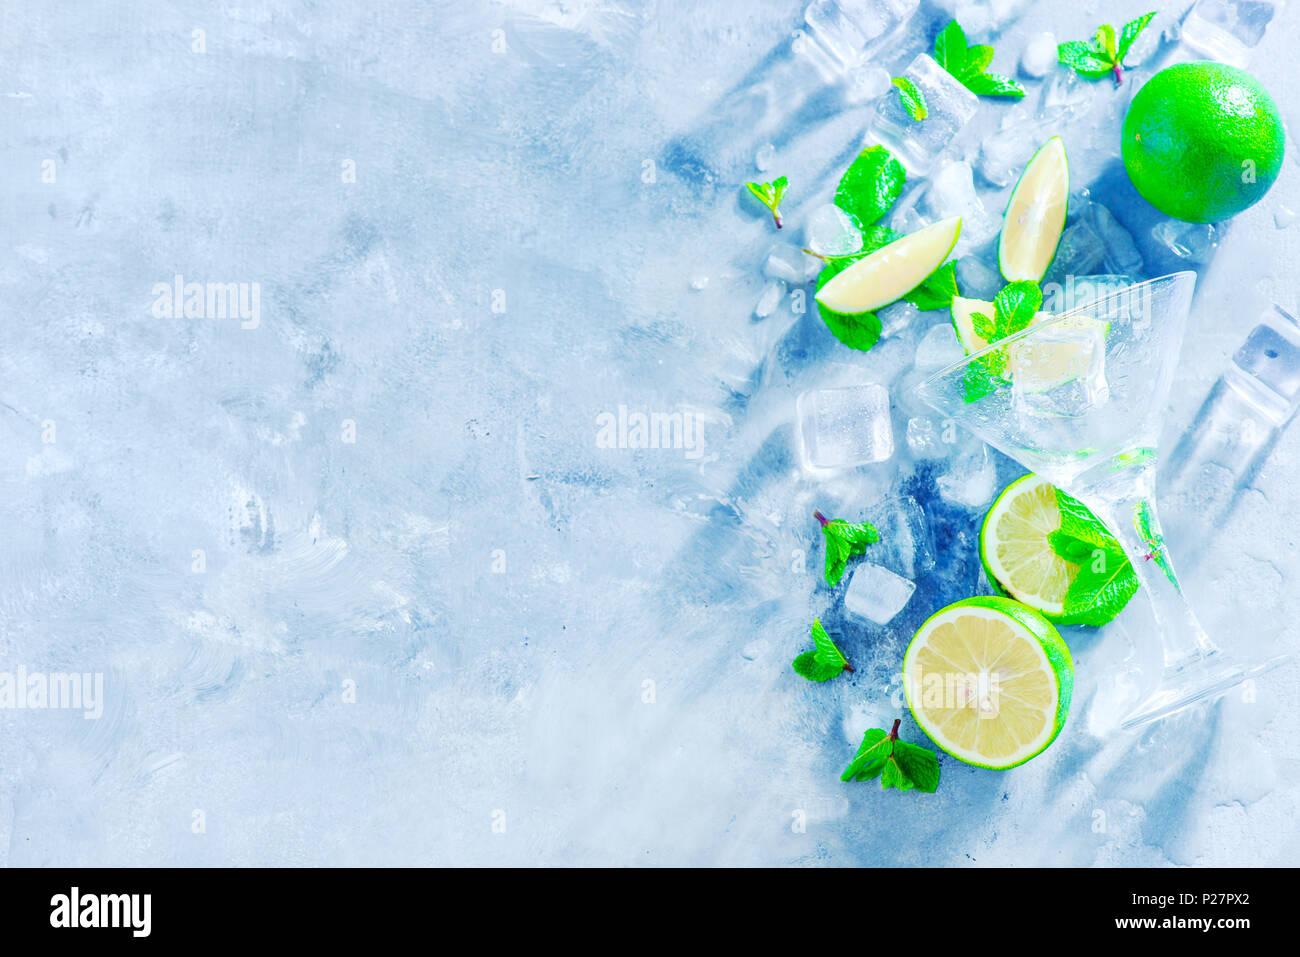 Menta, Limón y cubitos de hielo, cóctel mojito ingredientes cabezal con espacio de copia. Hacer bebidas de verano cerca. Luz solar y concepto de refrigerios. Imagen De Stock